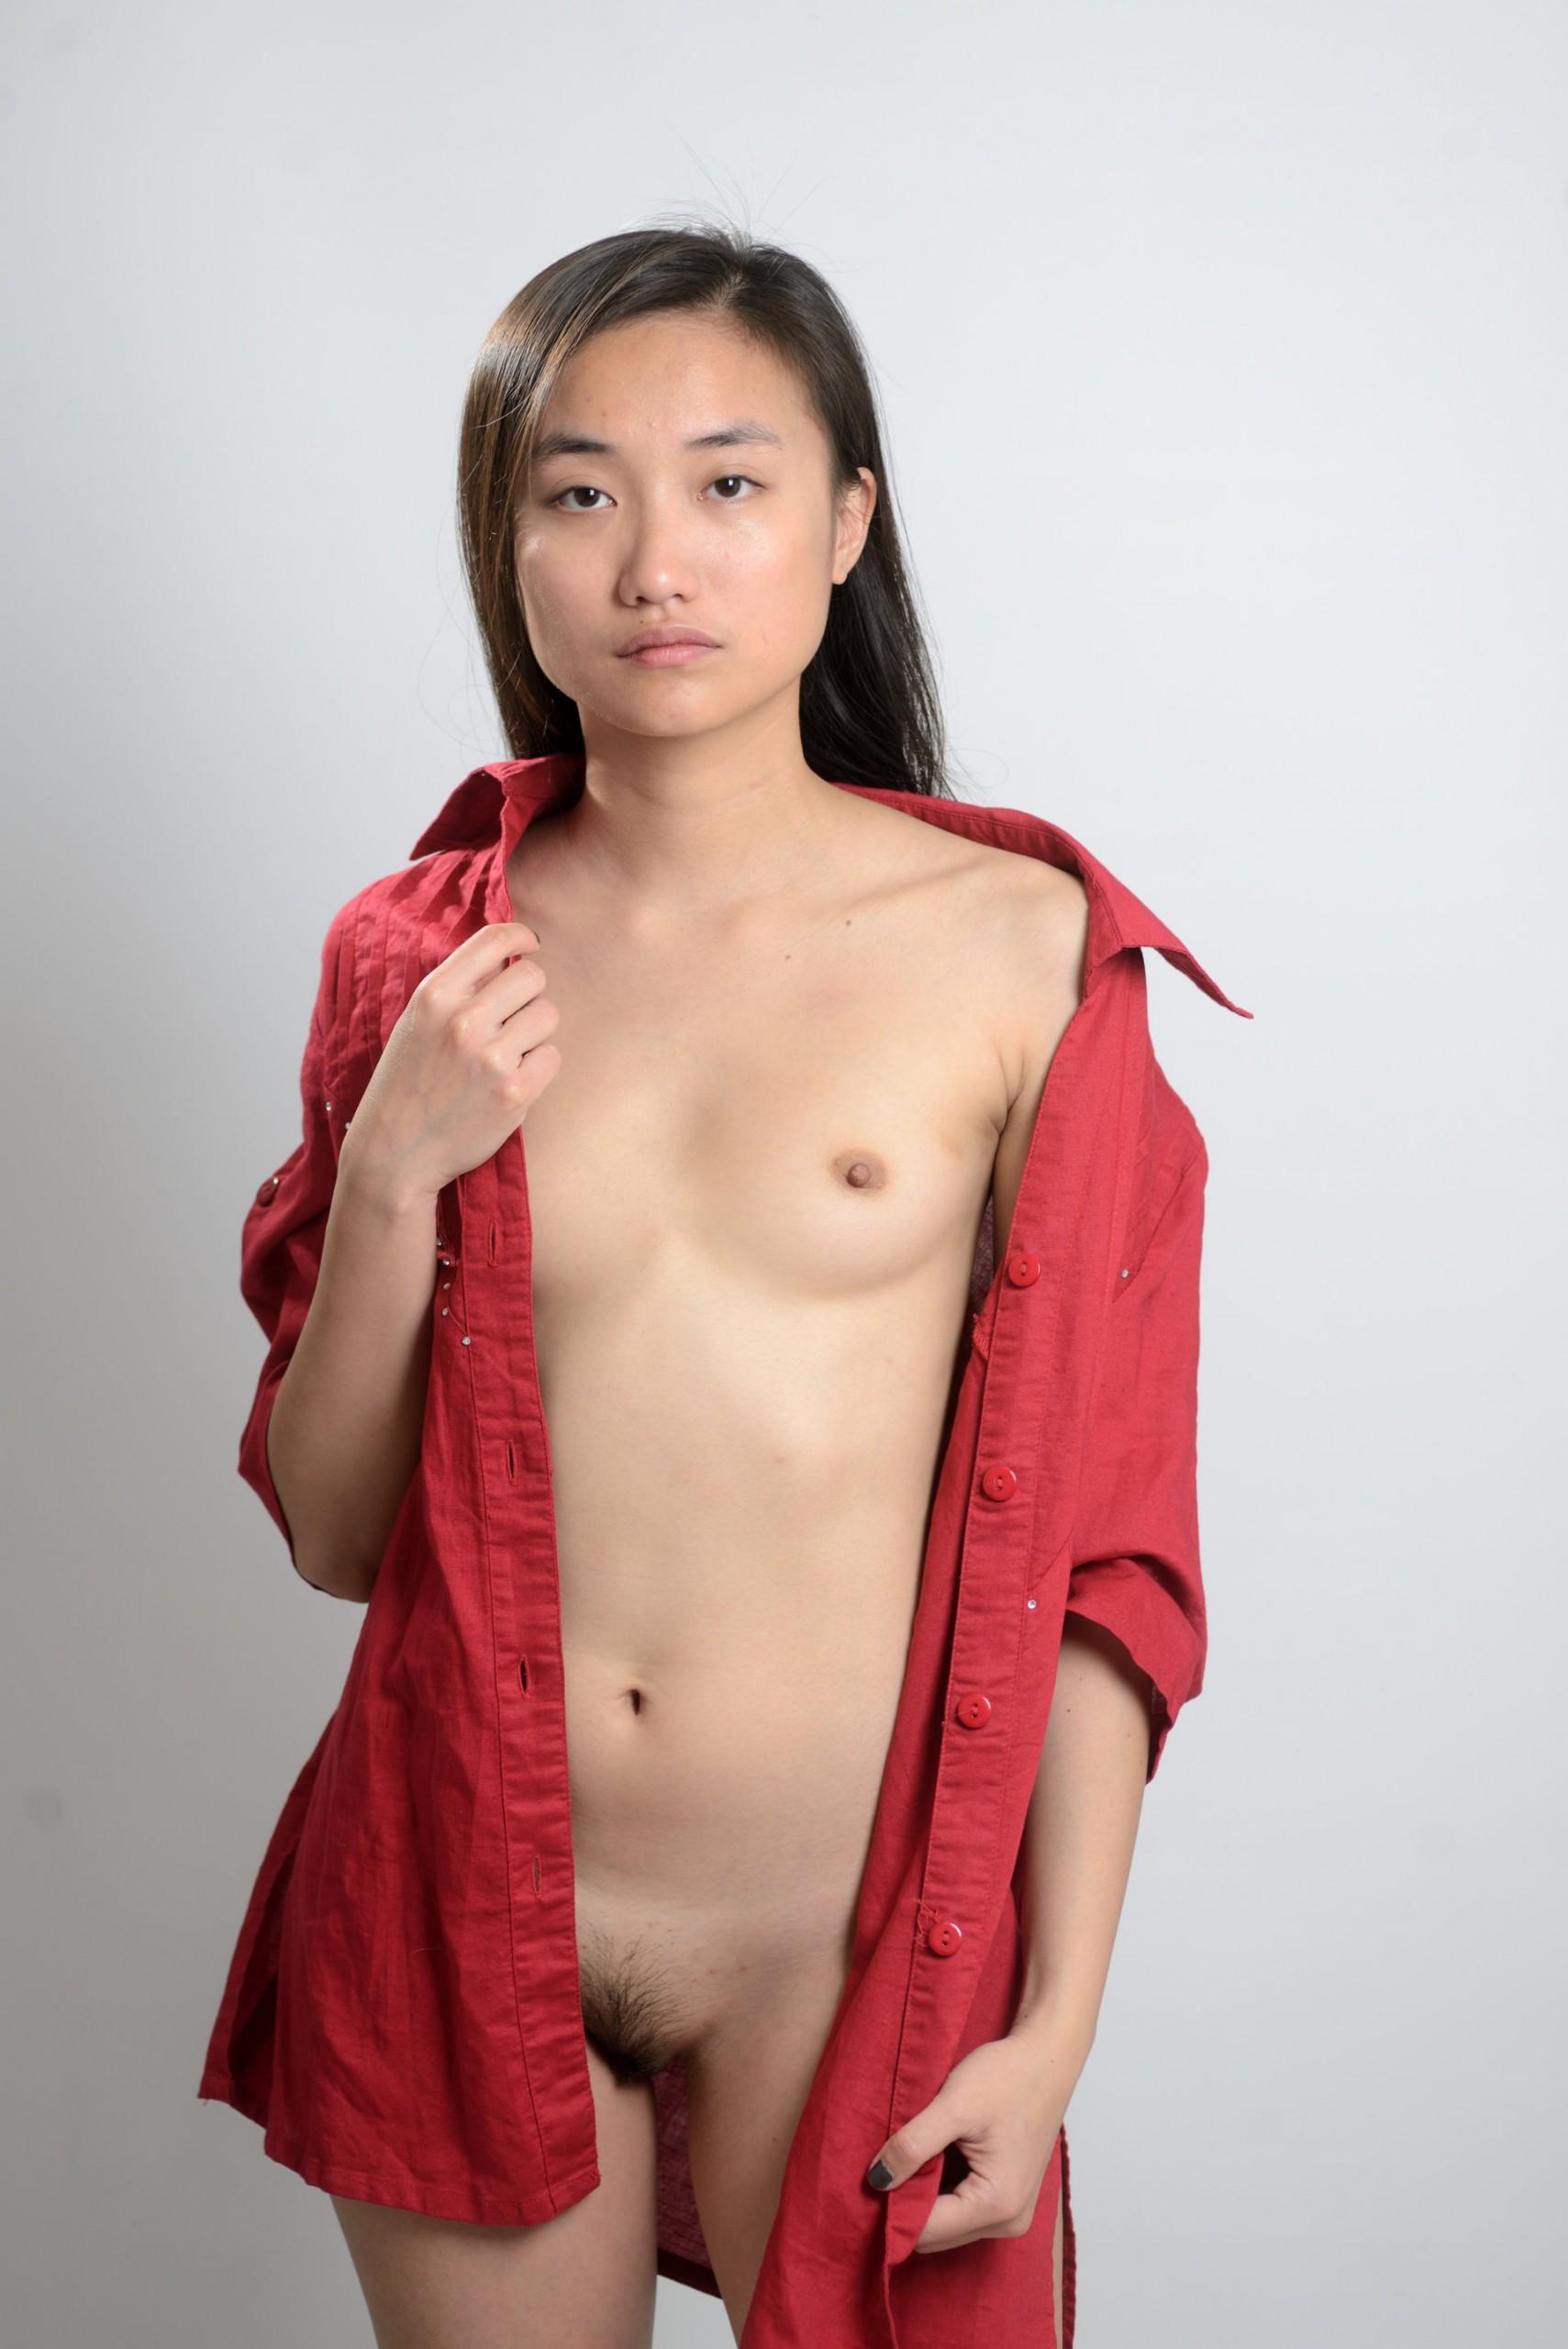 Eastern beauty nude